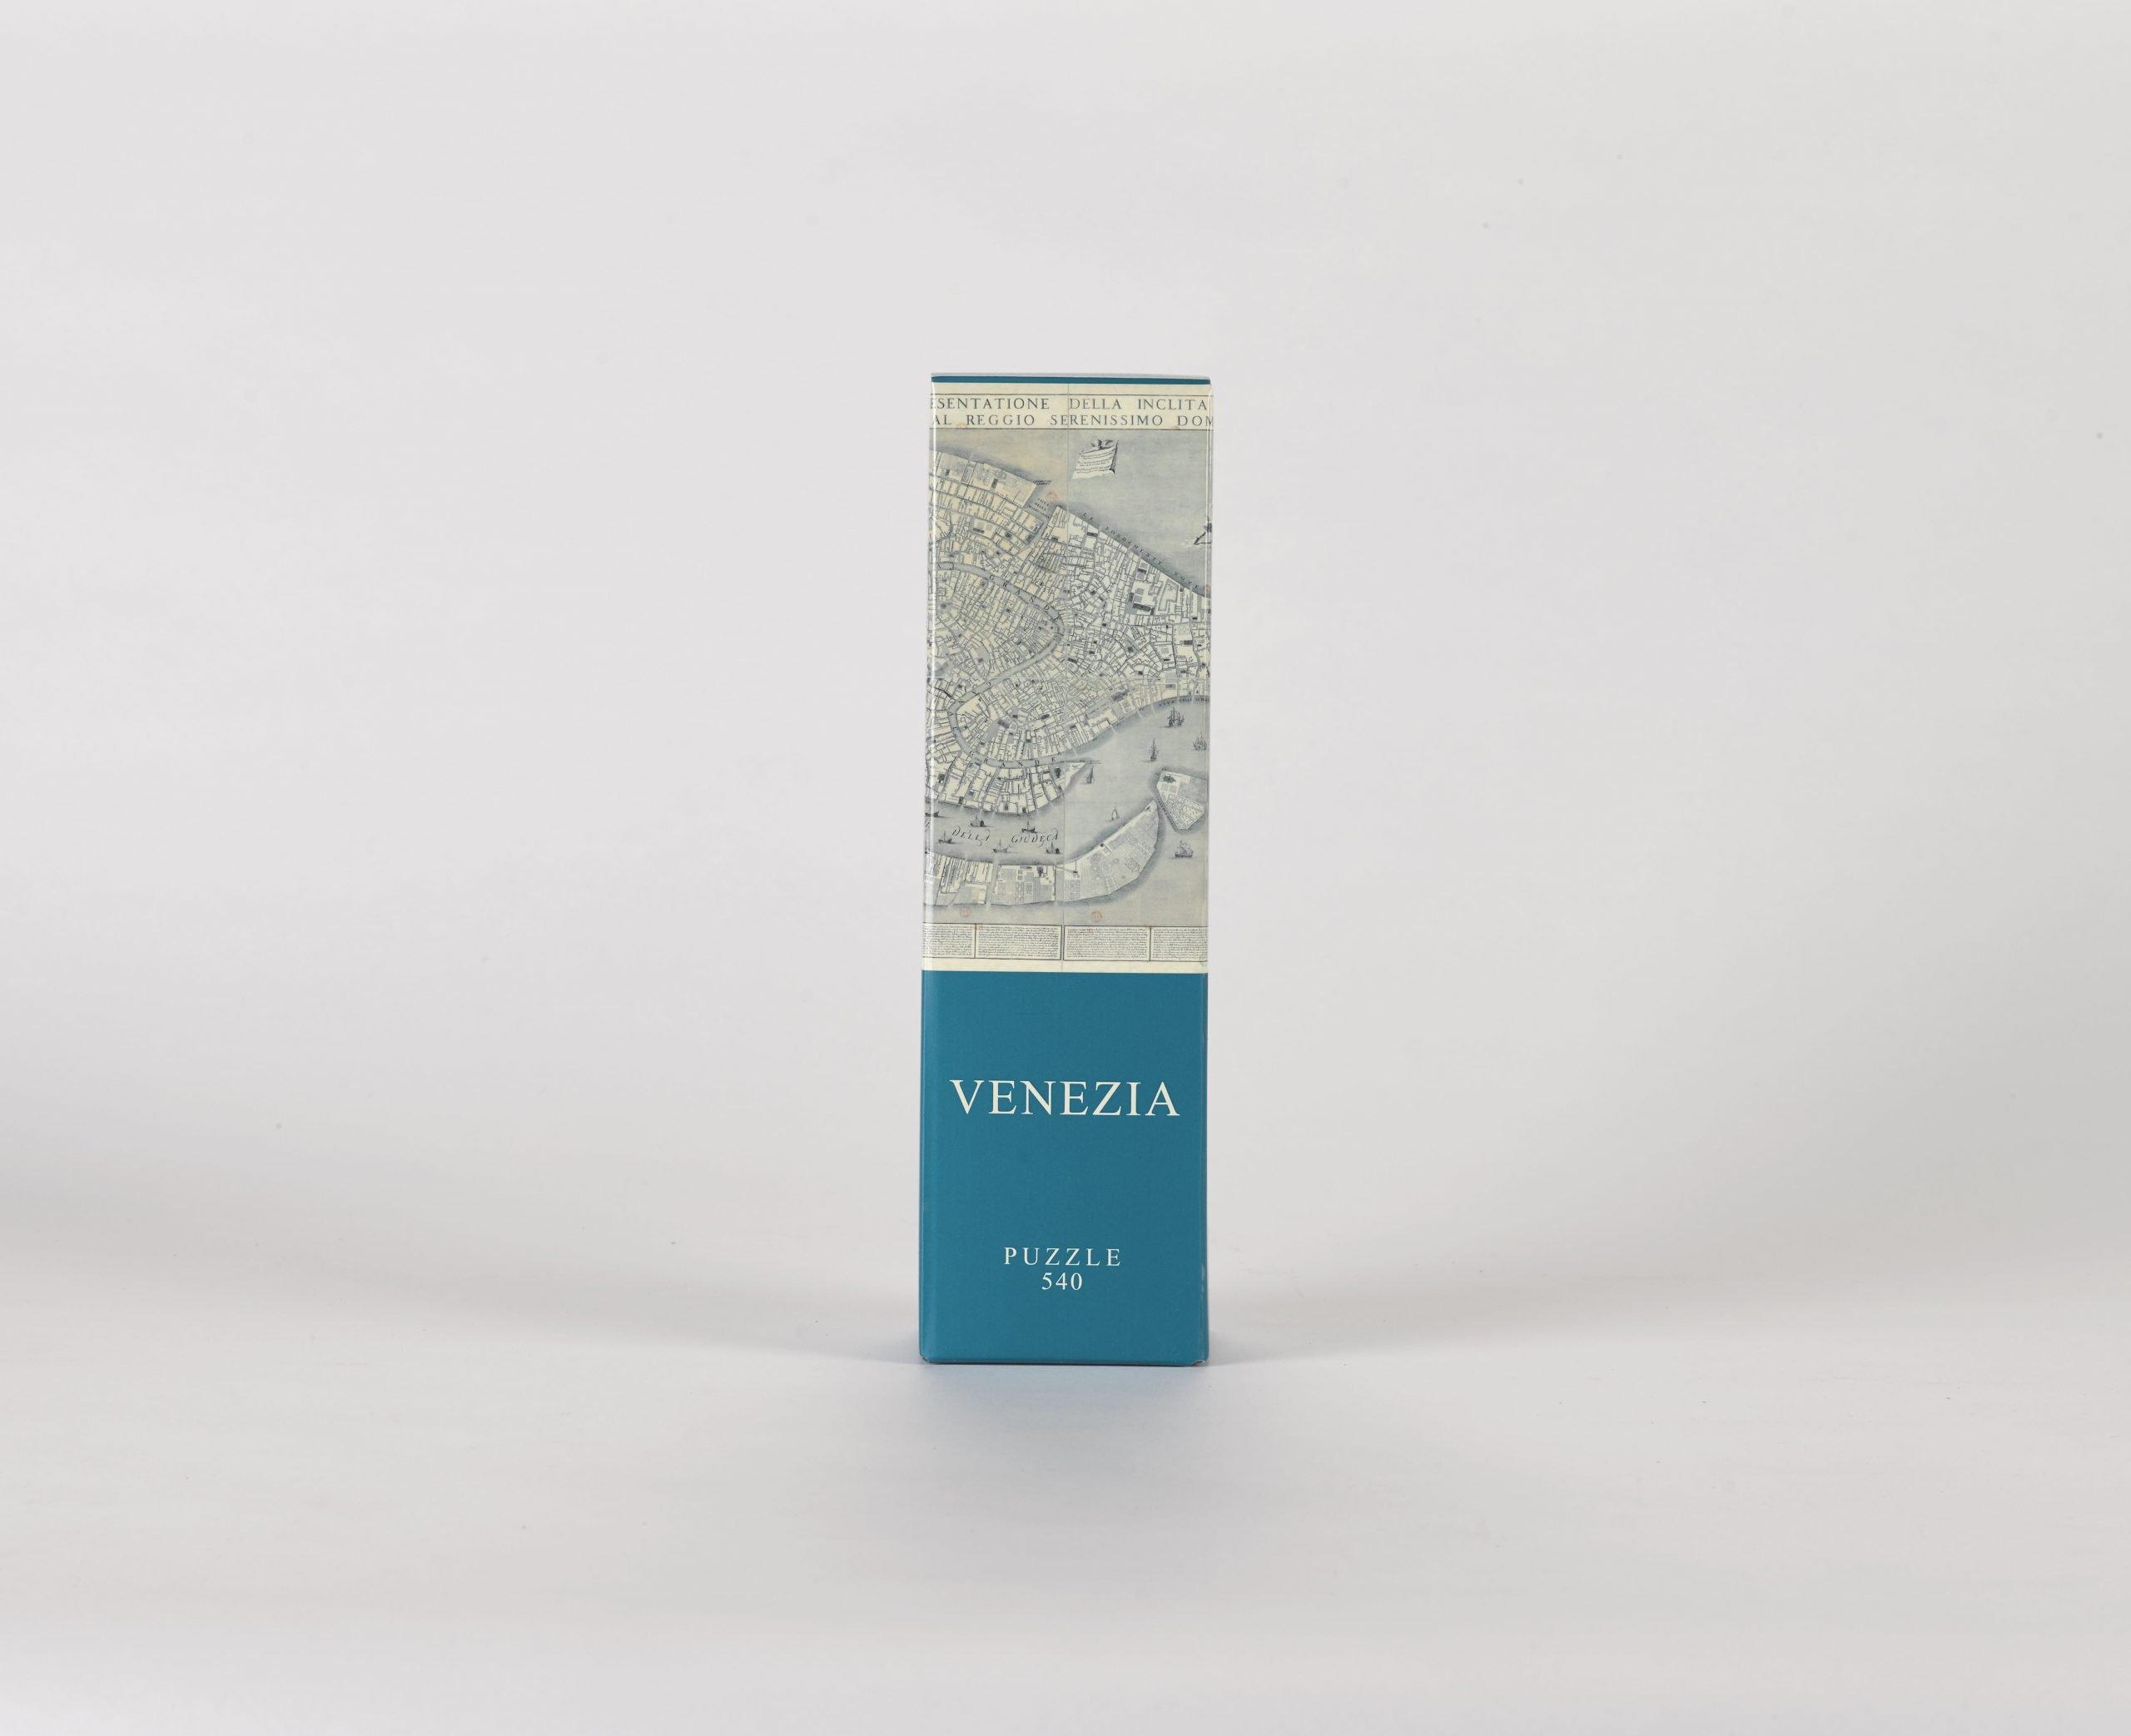 Puzzle Architoys Mapa de Venecia de 540 piezas